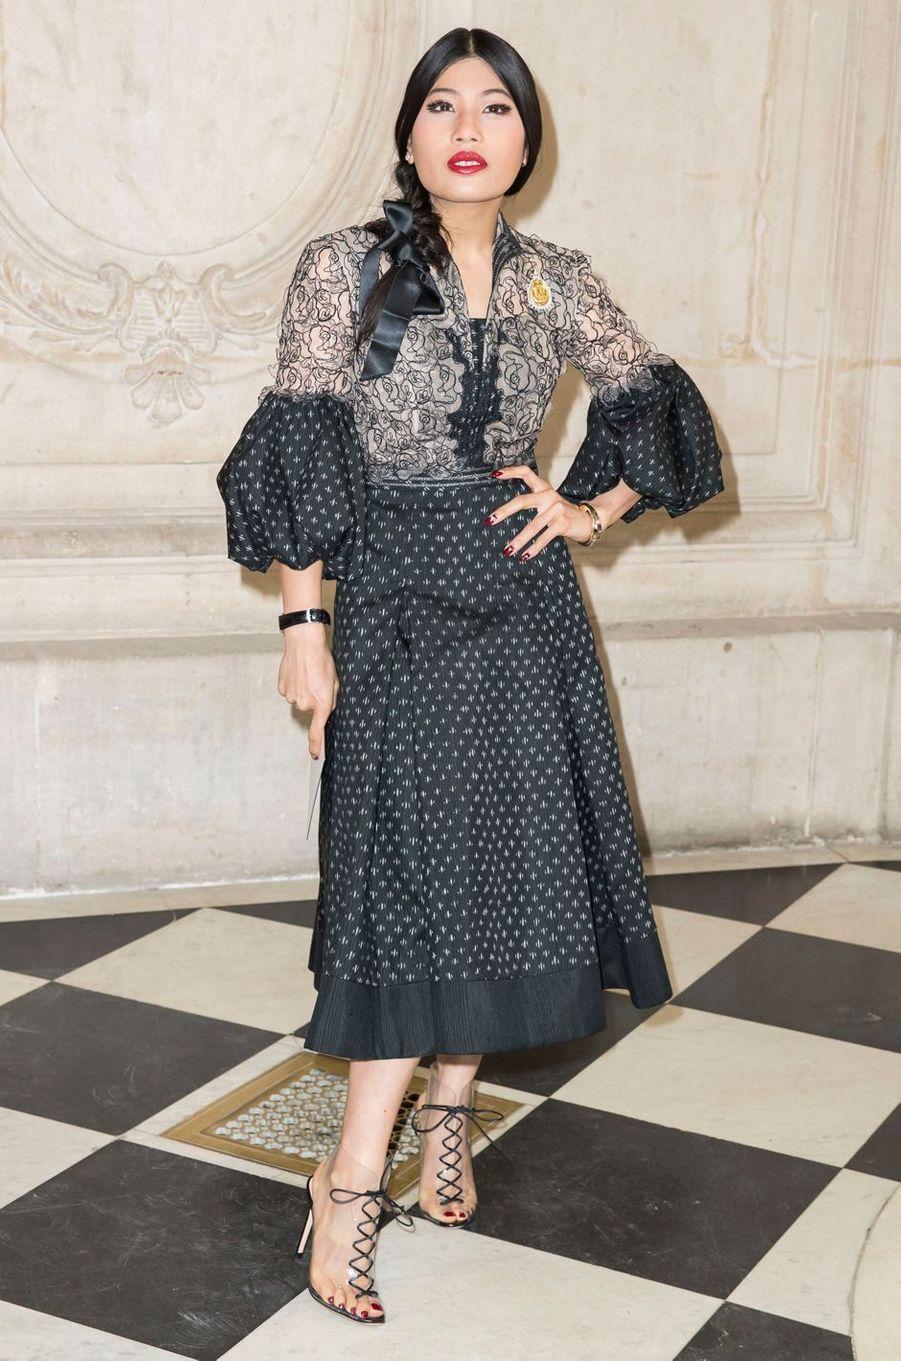 La princesse Sirivannavari Nariratana de Thaïlande au défilé Christian Dior à Paris, le 26 septembre 2017